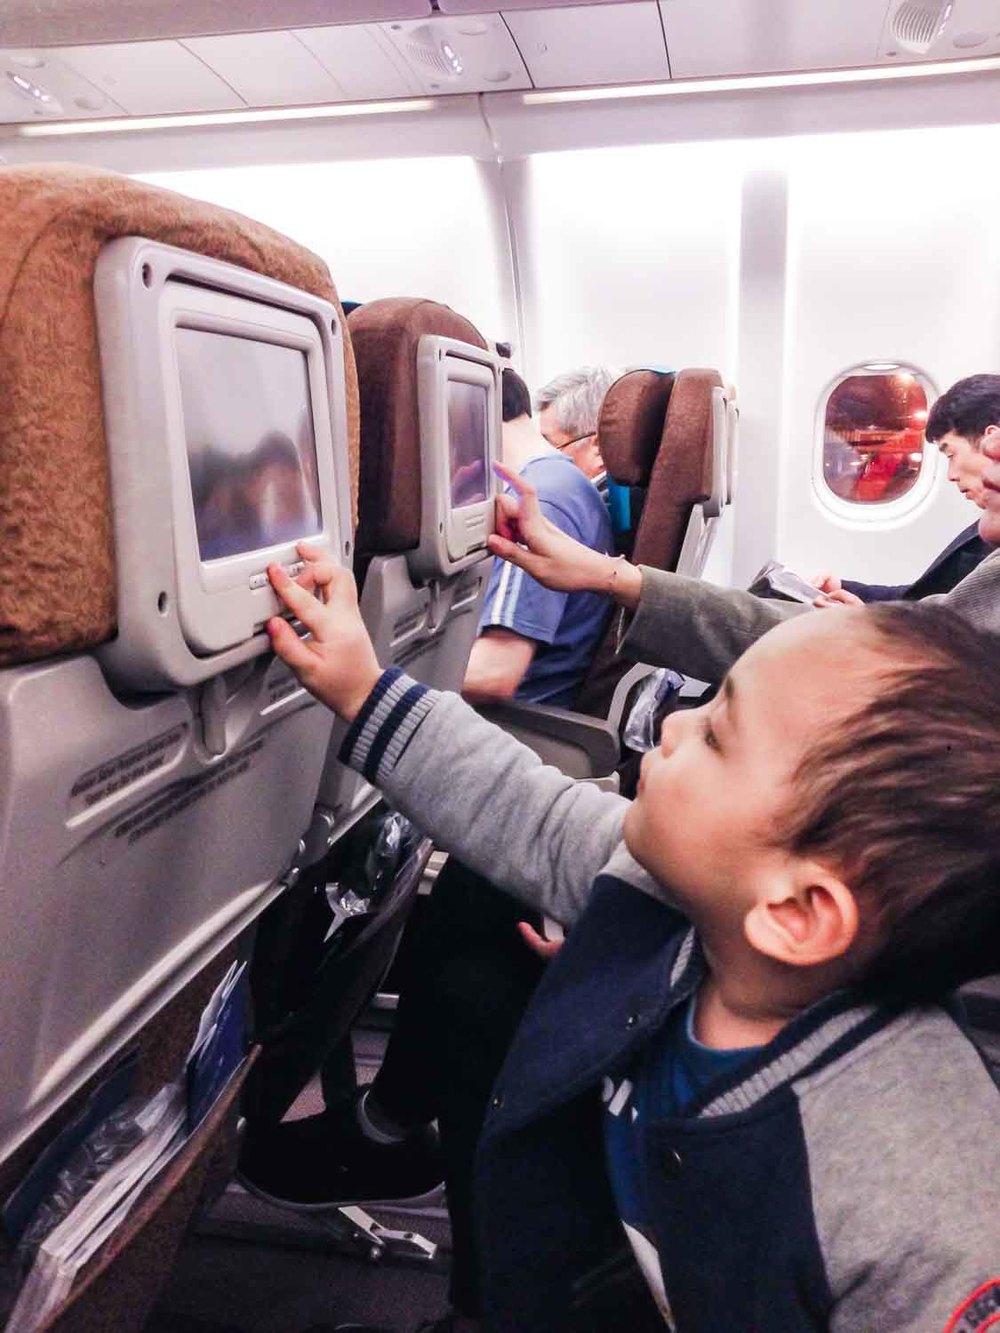 Hugo bermain-main dengan layar di pesawat, banyak film anak-anak jadinya dia betah :)